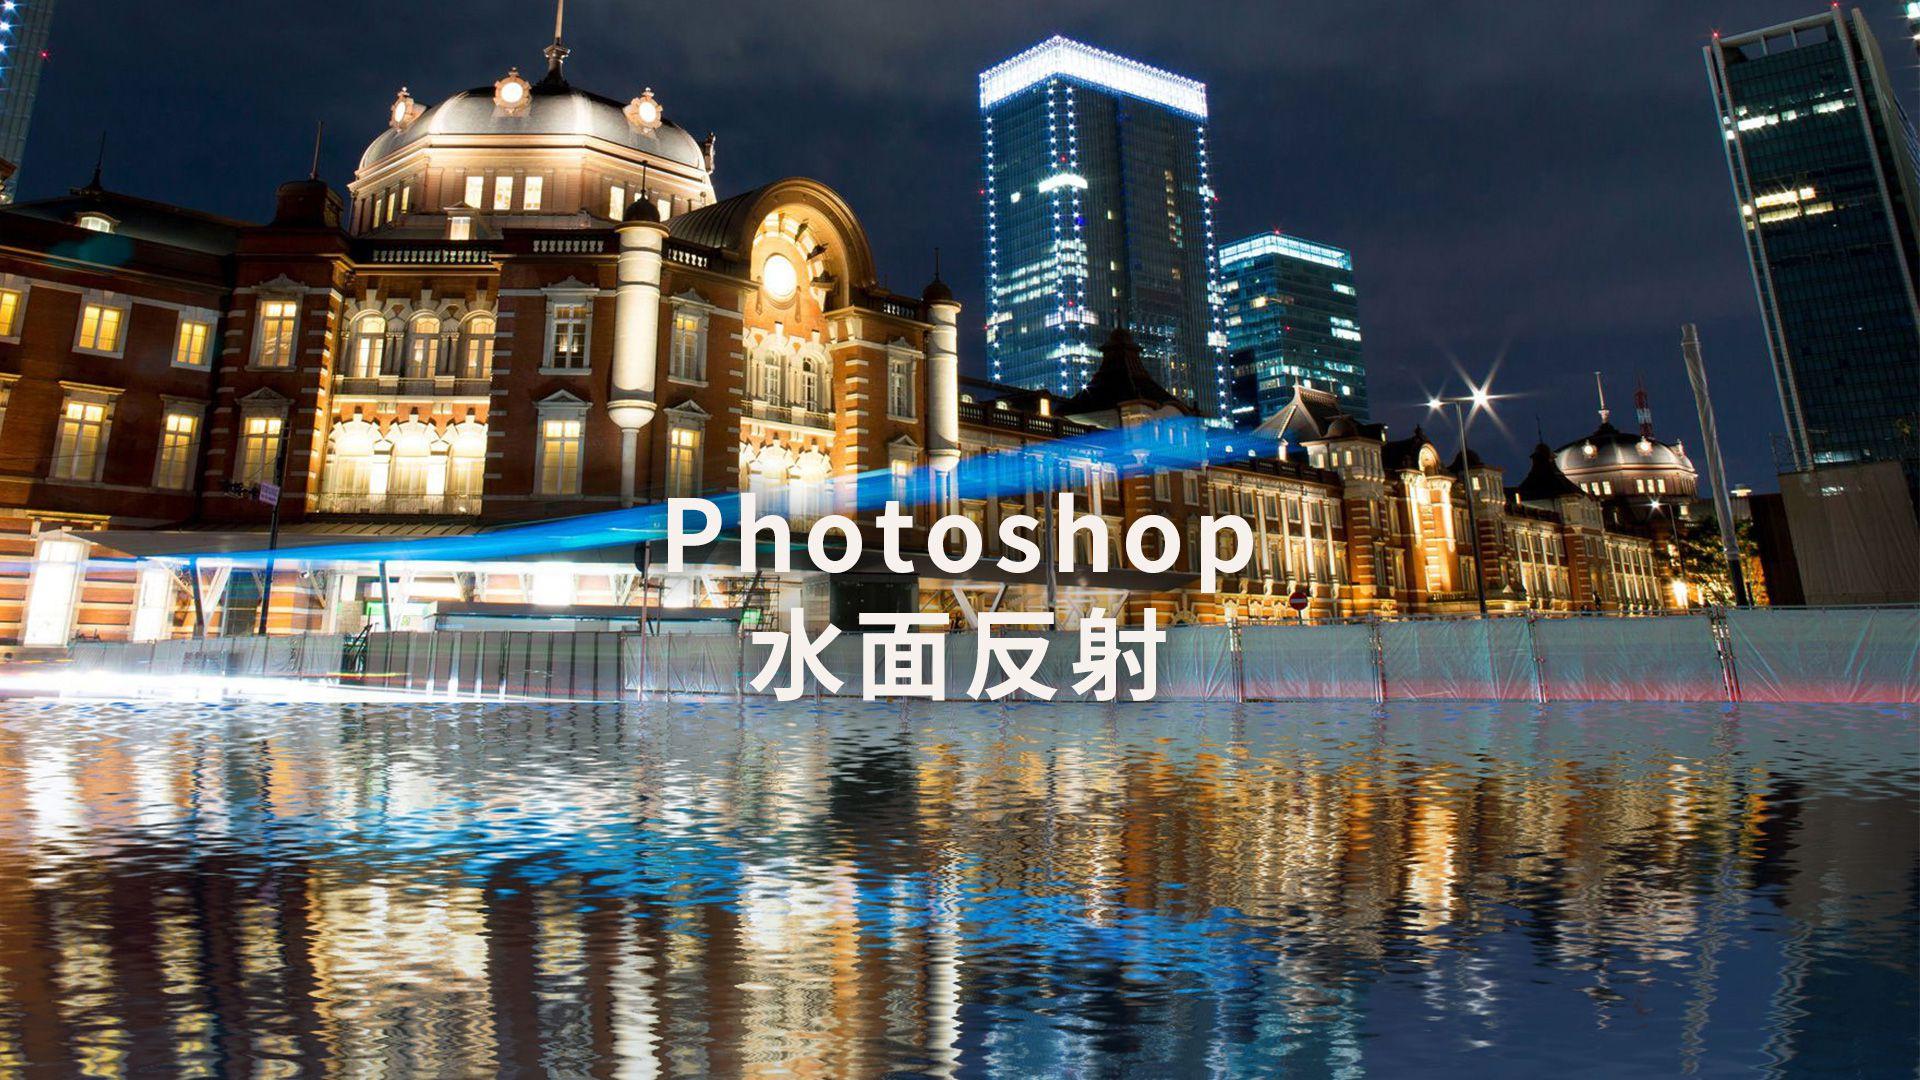 Photoshopで水面反射を作る方法